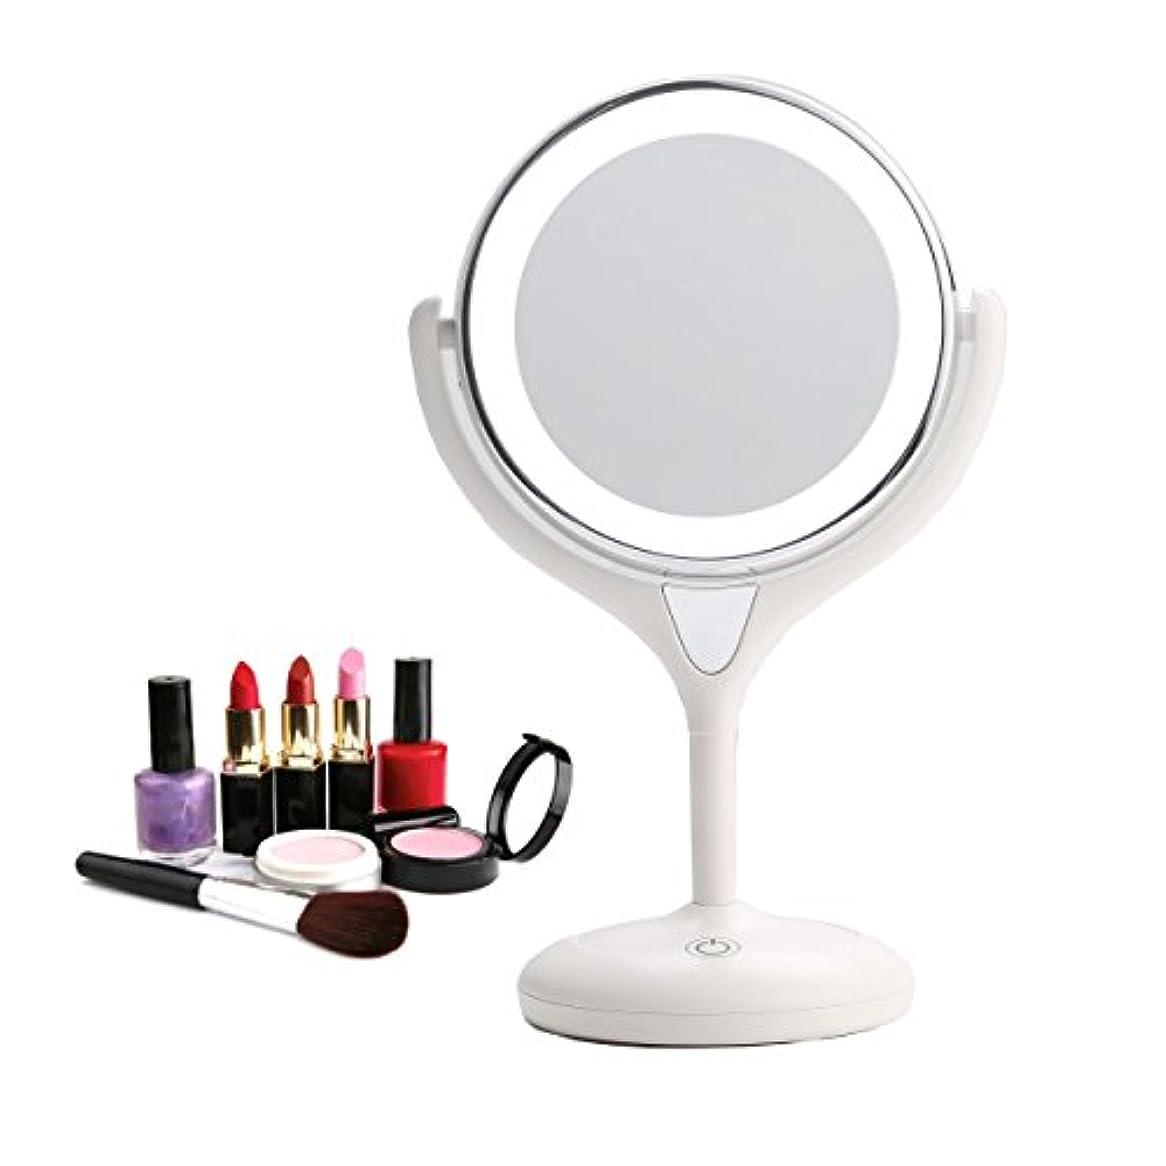 休み快い廃止するBestaid-スタンドミラー シンプルデザイン 真実の両面鏡DX 10倍拡大鏡 360度回転 卓上鏡 メイク 化粧道具 14 * 11.5 * 28.5cm